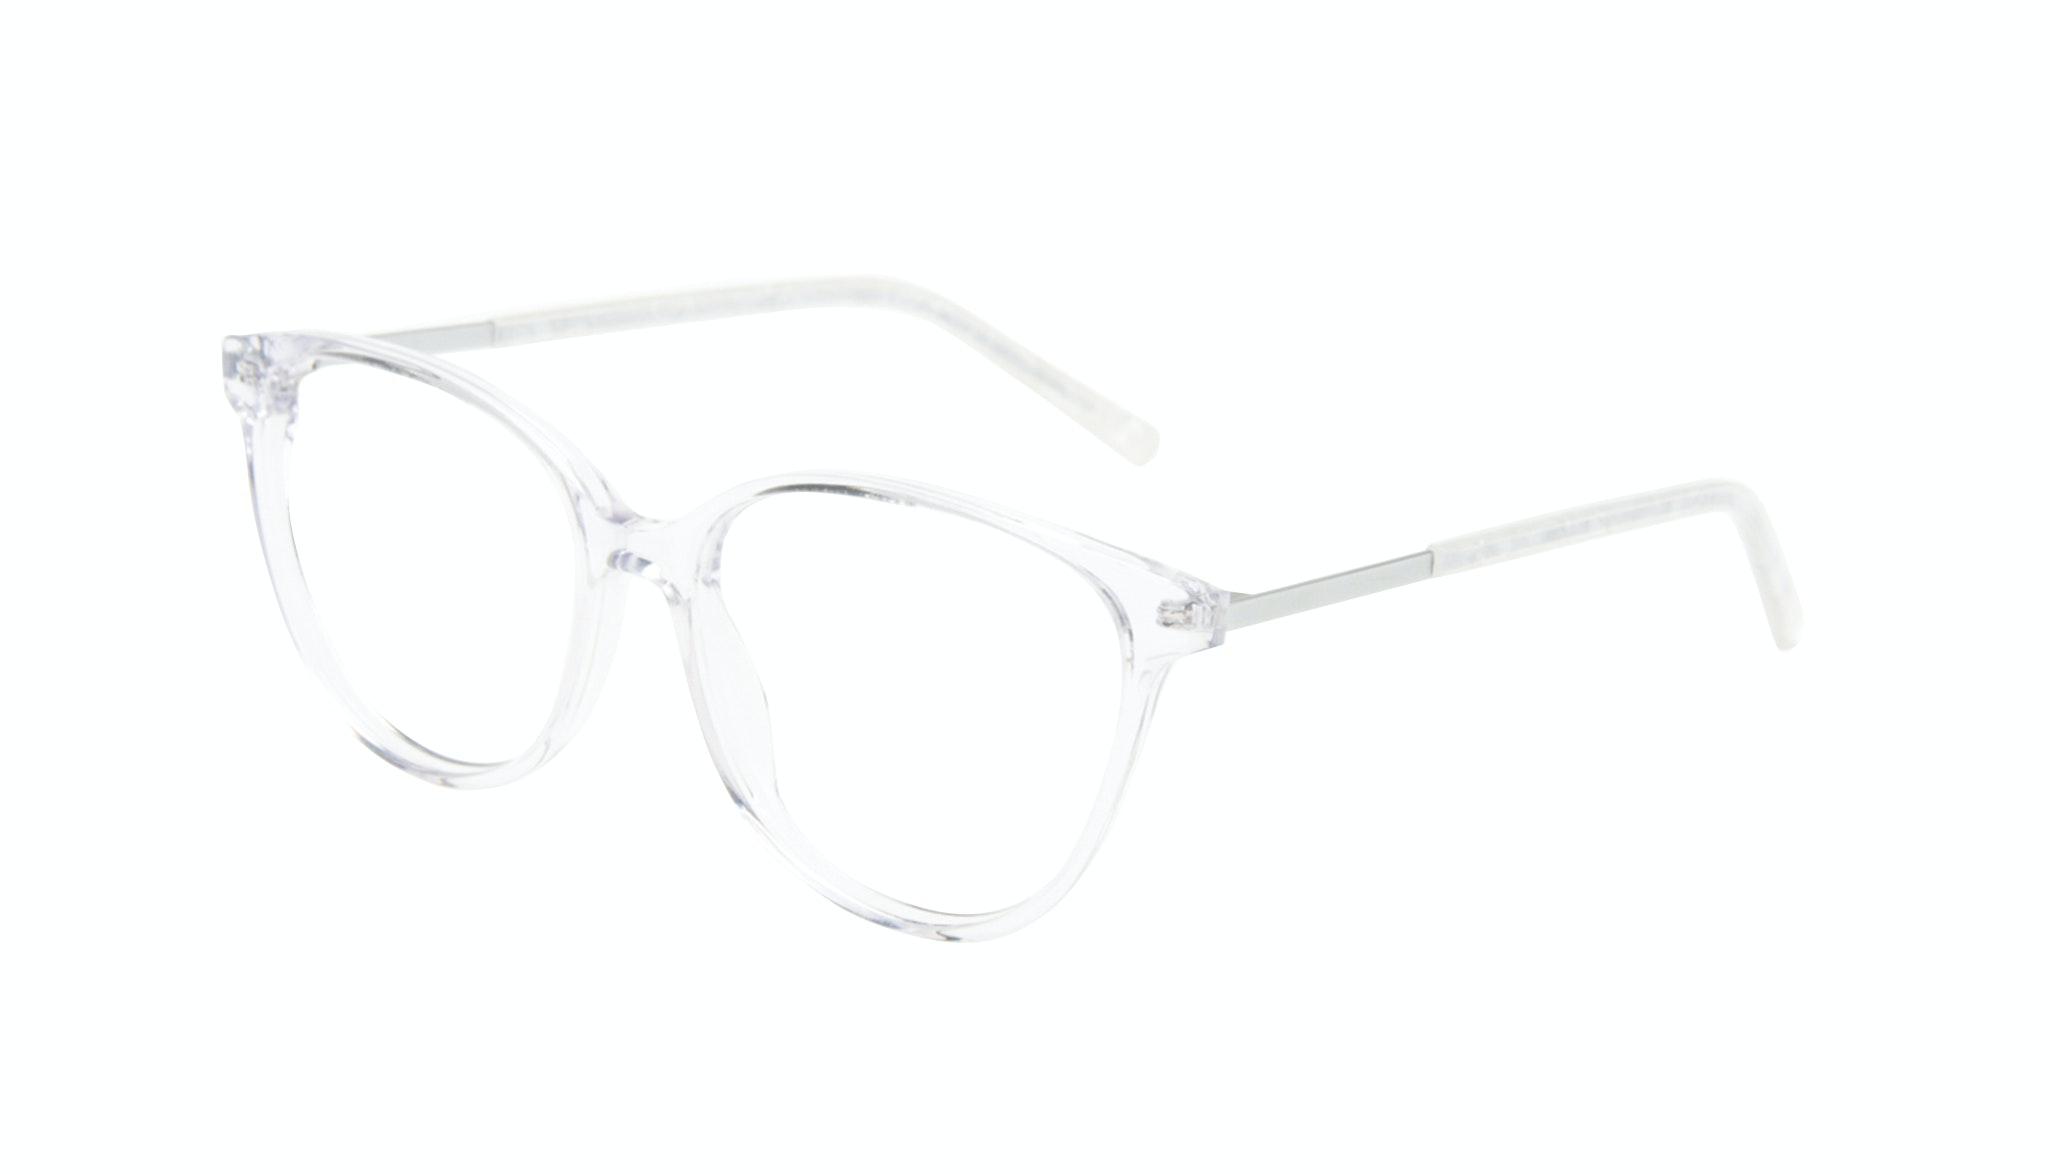 Affordable Fashion Glasses Cat Eye Eyeglasses Women Imagine II Diamond Marble Tilt